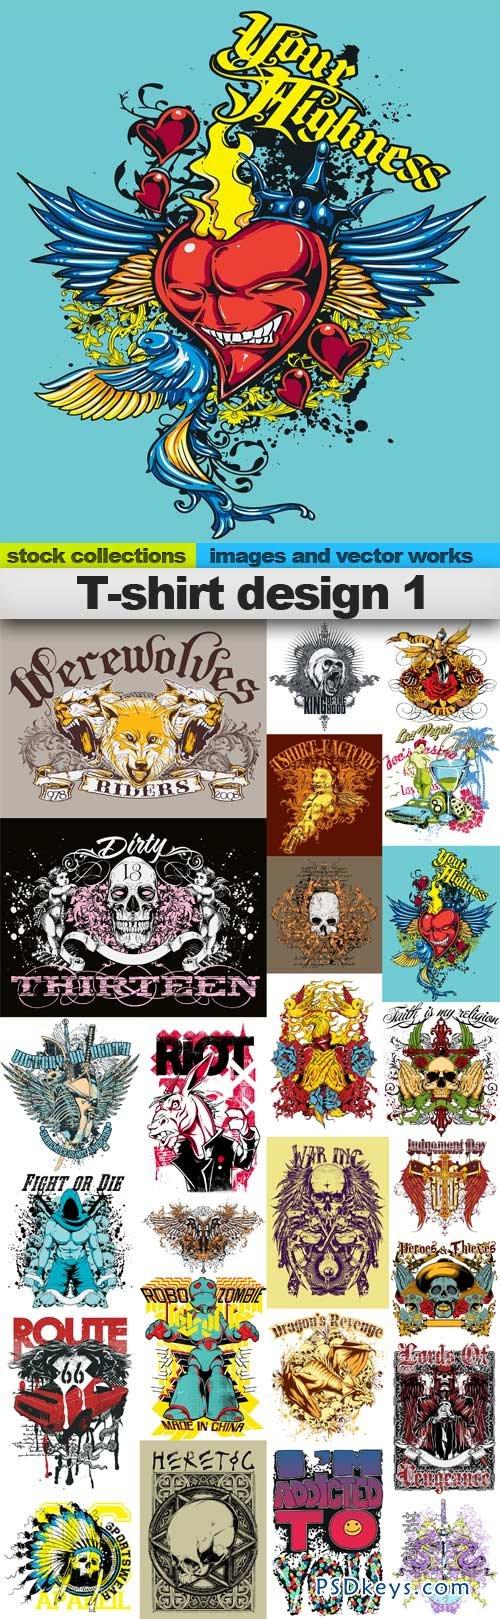 T shirt design 7 25xeps - T Shirt Design 1 25xeps